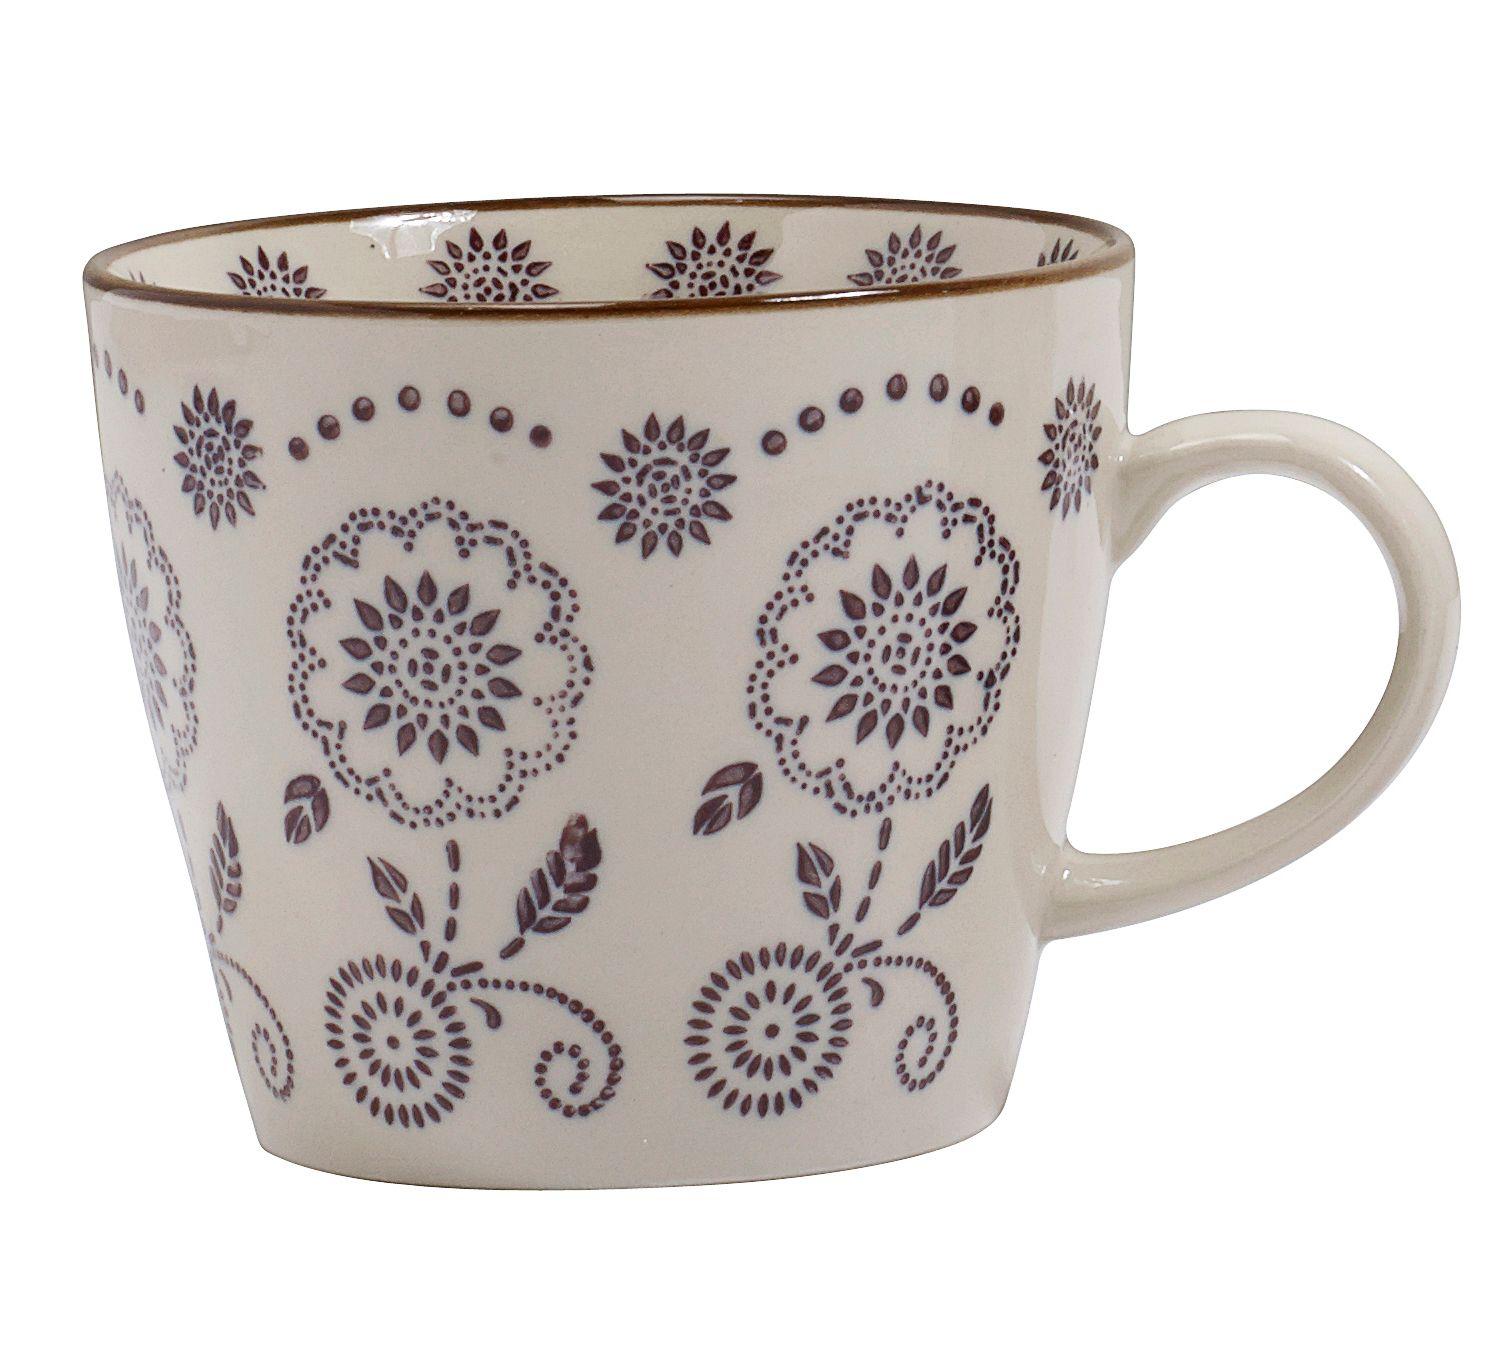 Diese hübsche, handbemalte Keramiktasse von Nordal, mit floralem Muster, wird zu Ihrem Lieblingsstück auf dem Frühstückstisch.